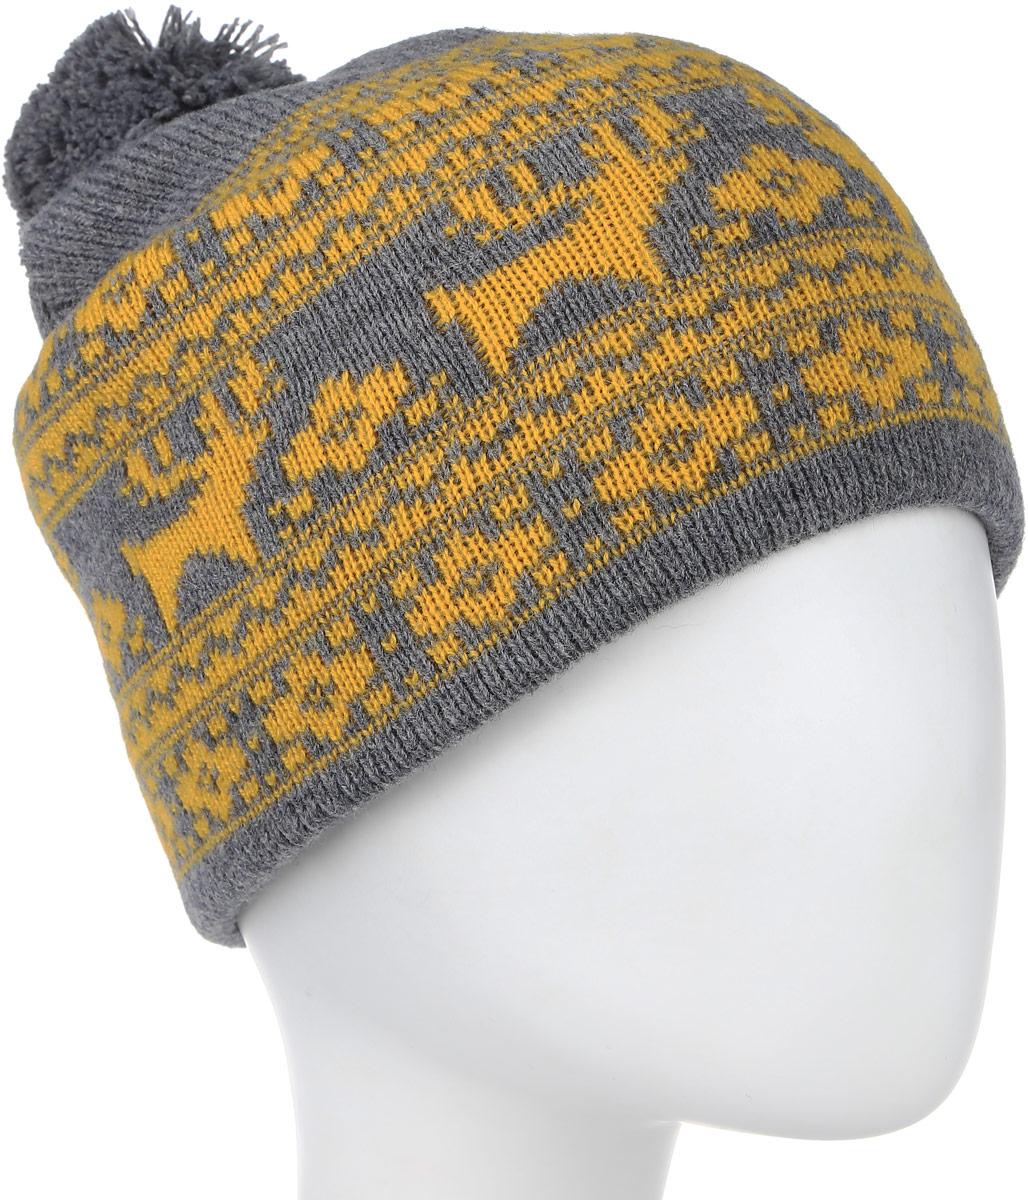 Шапка женская Finn Flare, цвет: светло-серый, желтый. W15-12124. Размер 56W15-12124Все, что нужно не только для того, чтобы согреться, но и для дополнения модного образа - это замечательная шапка Finn Flare. Модель двойной плотной вязки, полушерстяная, отлично дополнит ваш образ в холодную погоду. Шапочка оформлена вязаным орнаментом с оленями и помпоном. Декорирована небольшим элементом в виде металлической пластины с названием бренда.Такая шапка составит идеальный комплект с модной верхней одеждой, в ней вам будет уютно и тепло!